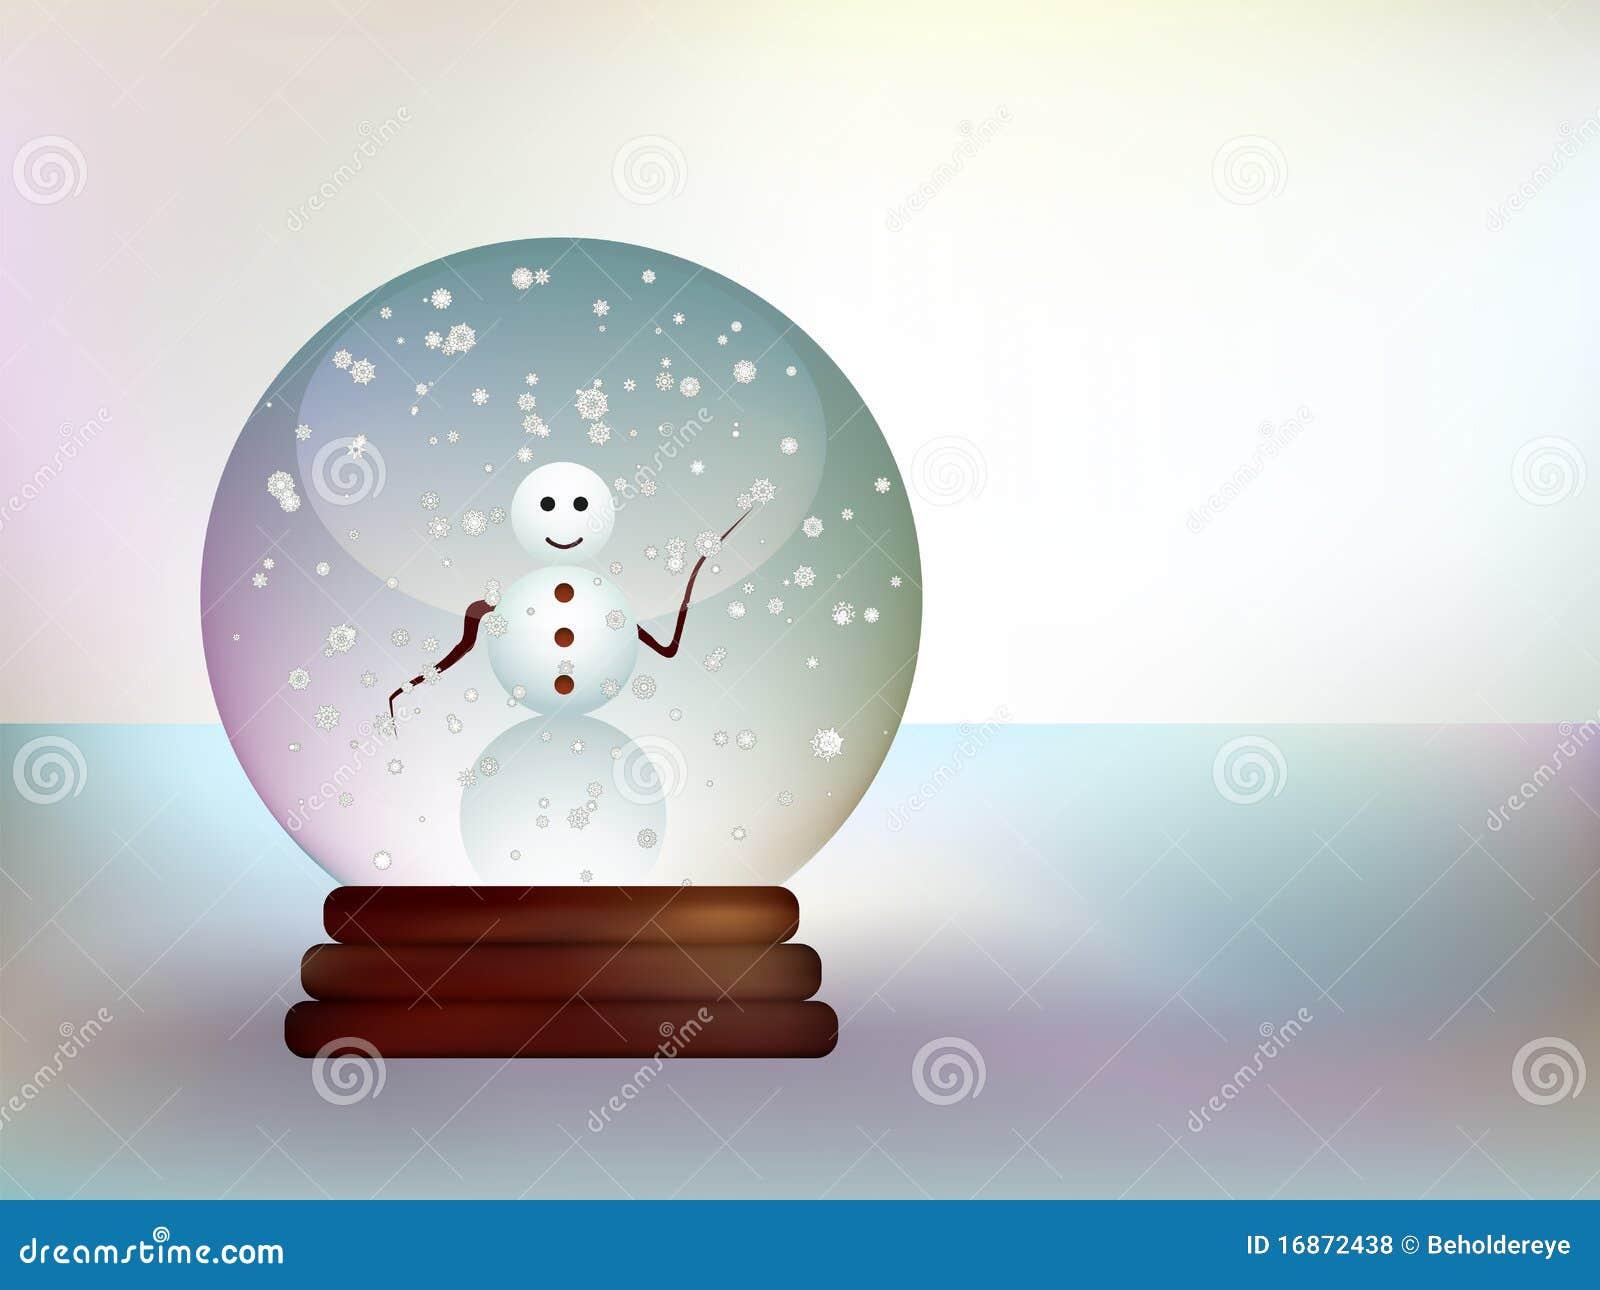 Esfera de vidro com um boneco de neve em uma paisagem nevado.